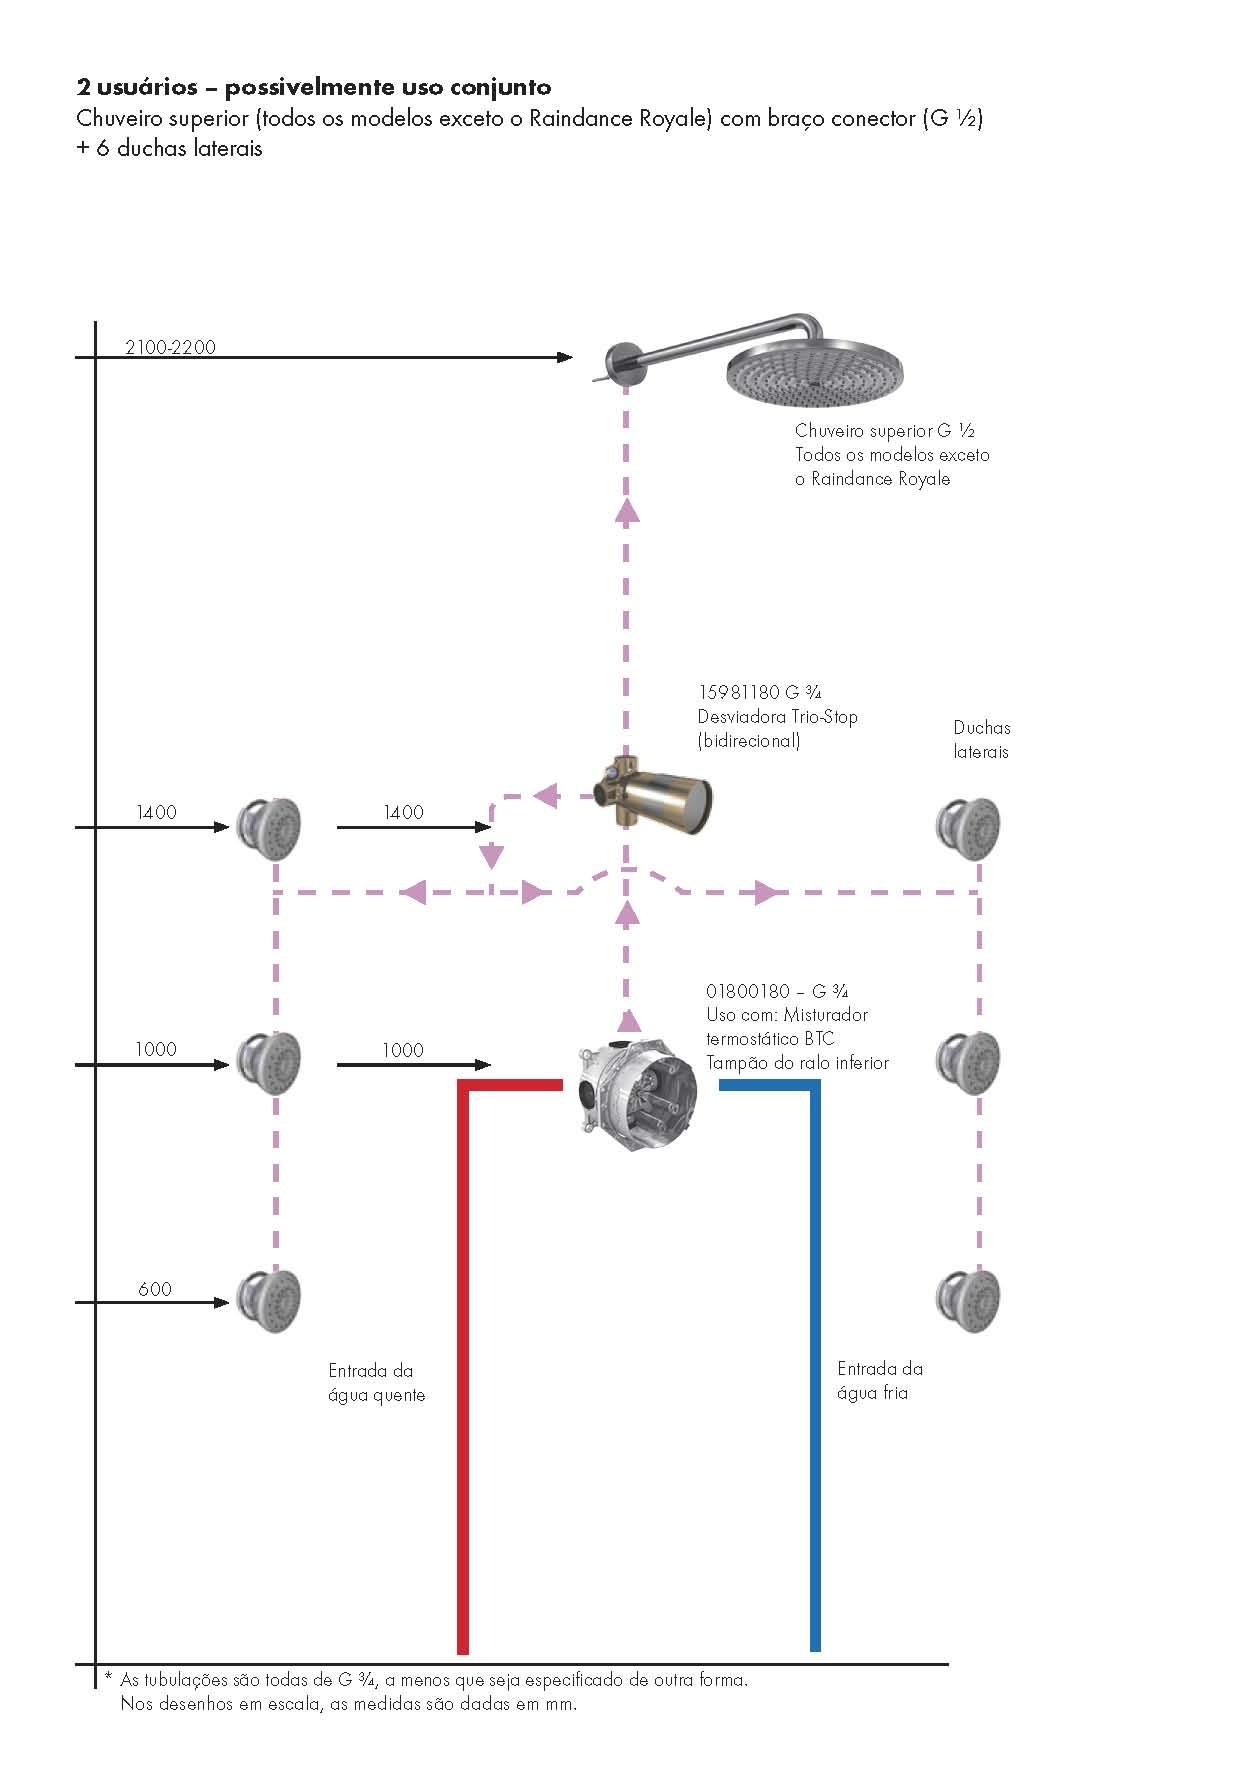 Chuveiro superior pendente do teto (G ½)   6 duchas laterais JPG 0 1  #0358A0 1249x1766 Banheiro Com Hidro E Chuveiro